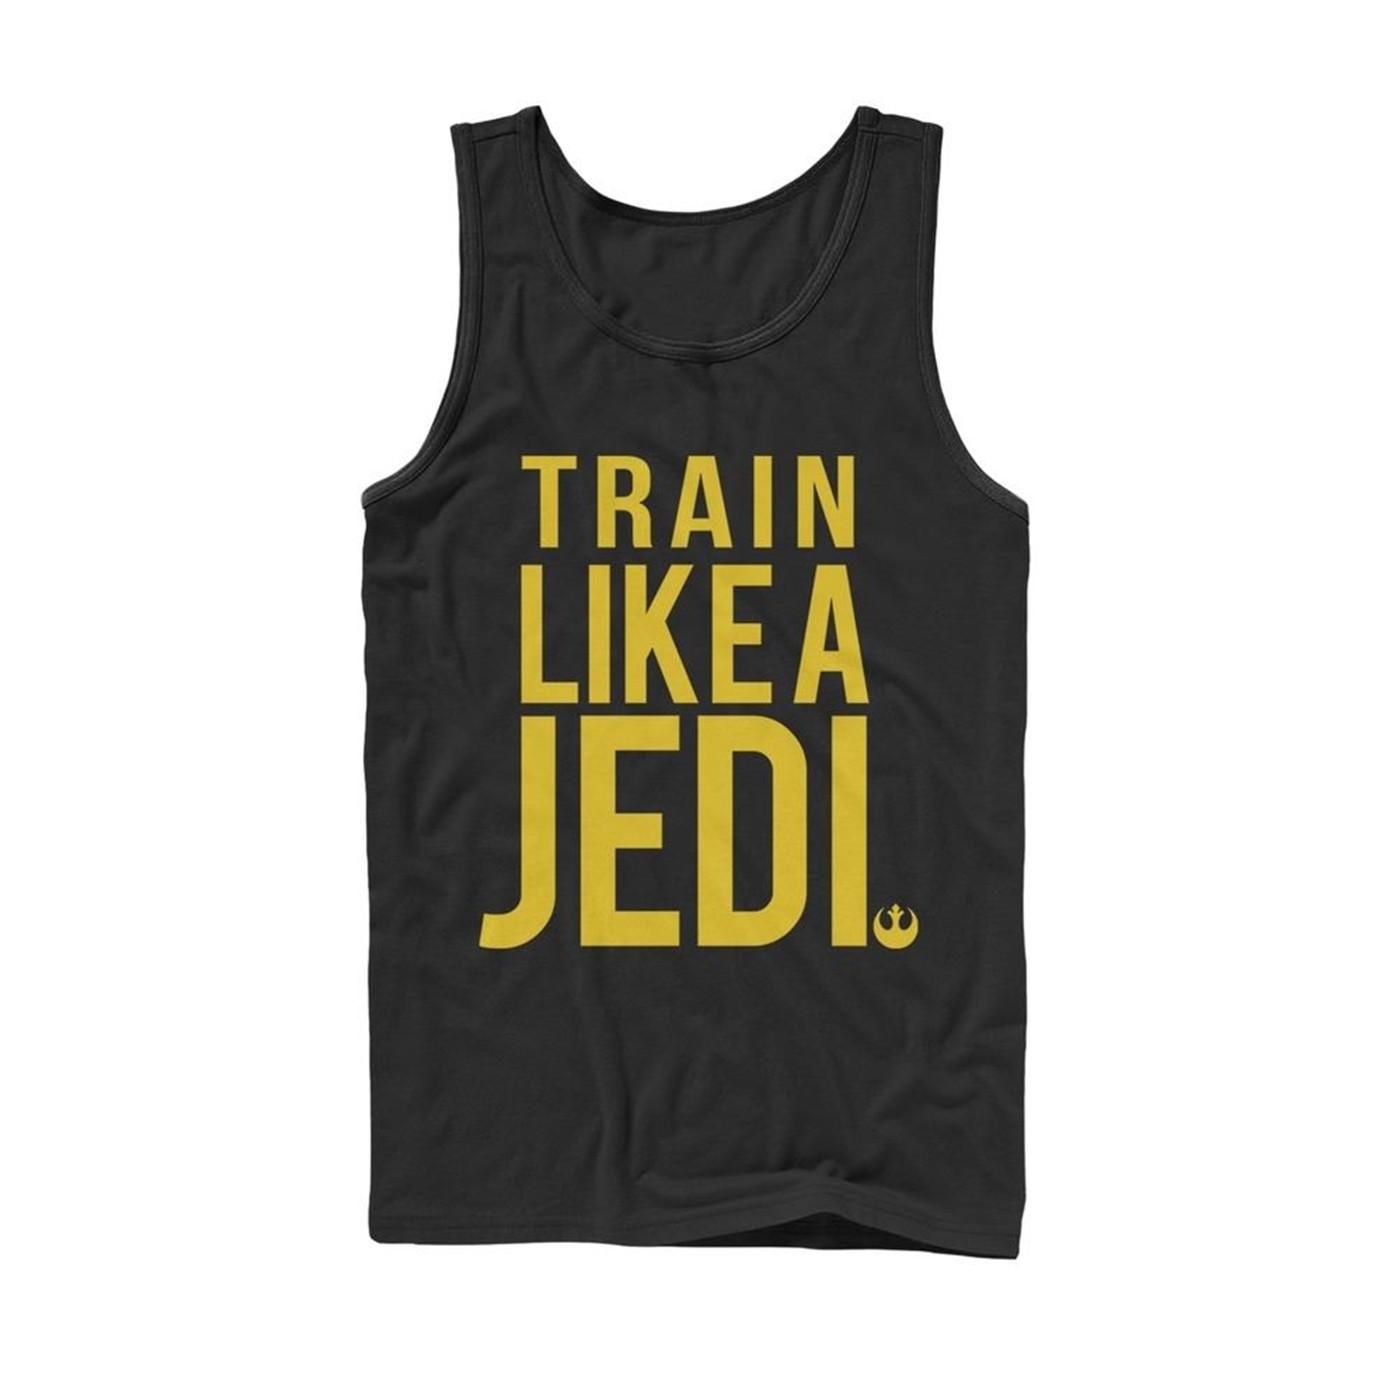 Star Wars Train Like a Jedi Tank Top